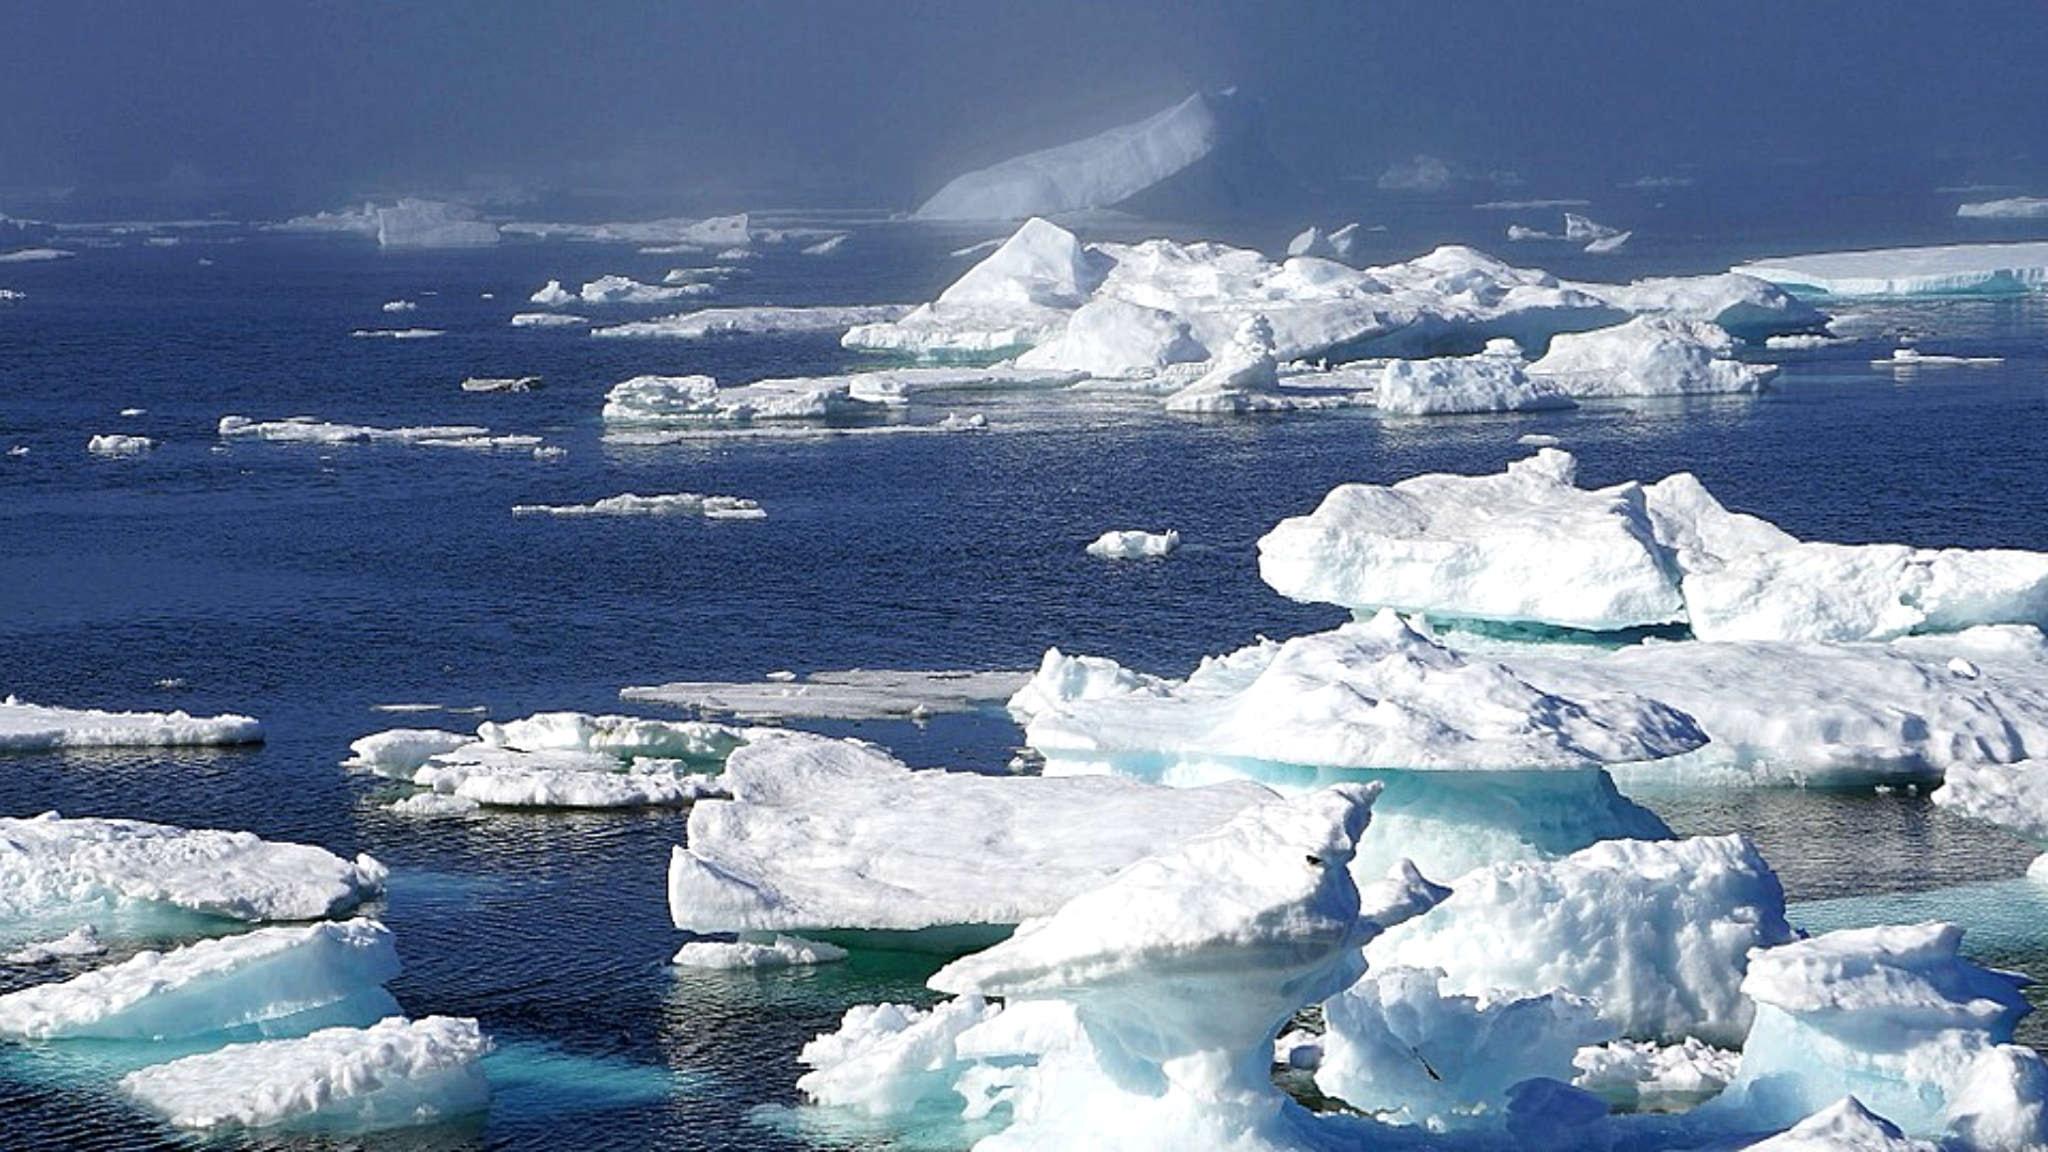 Flygkraschen i Ishavet av Anna Hammarén - spela